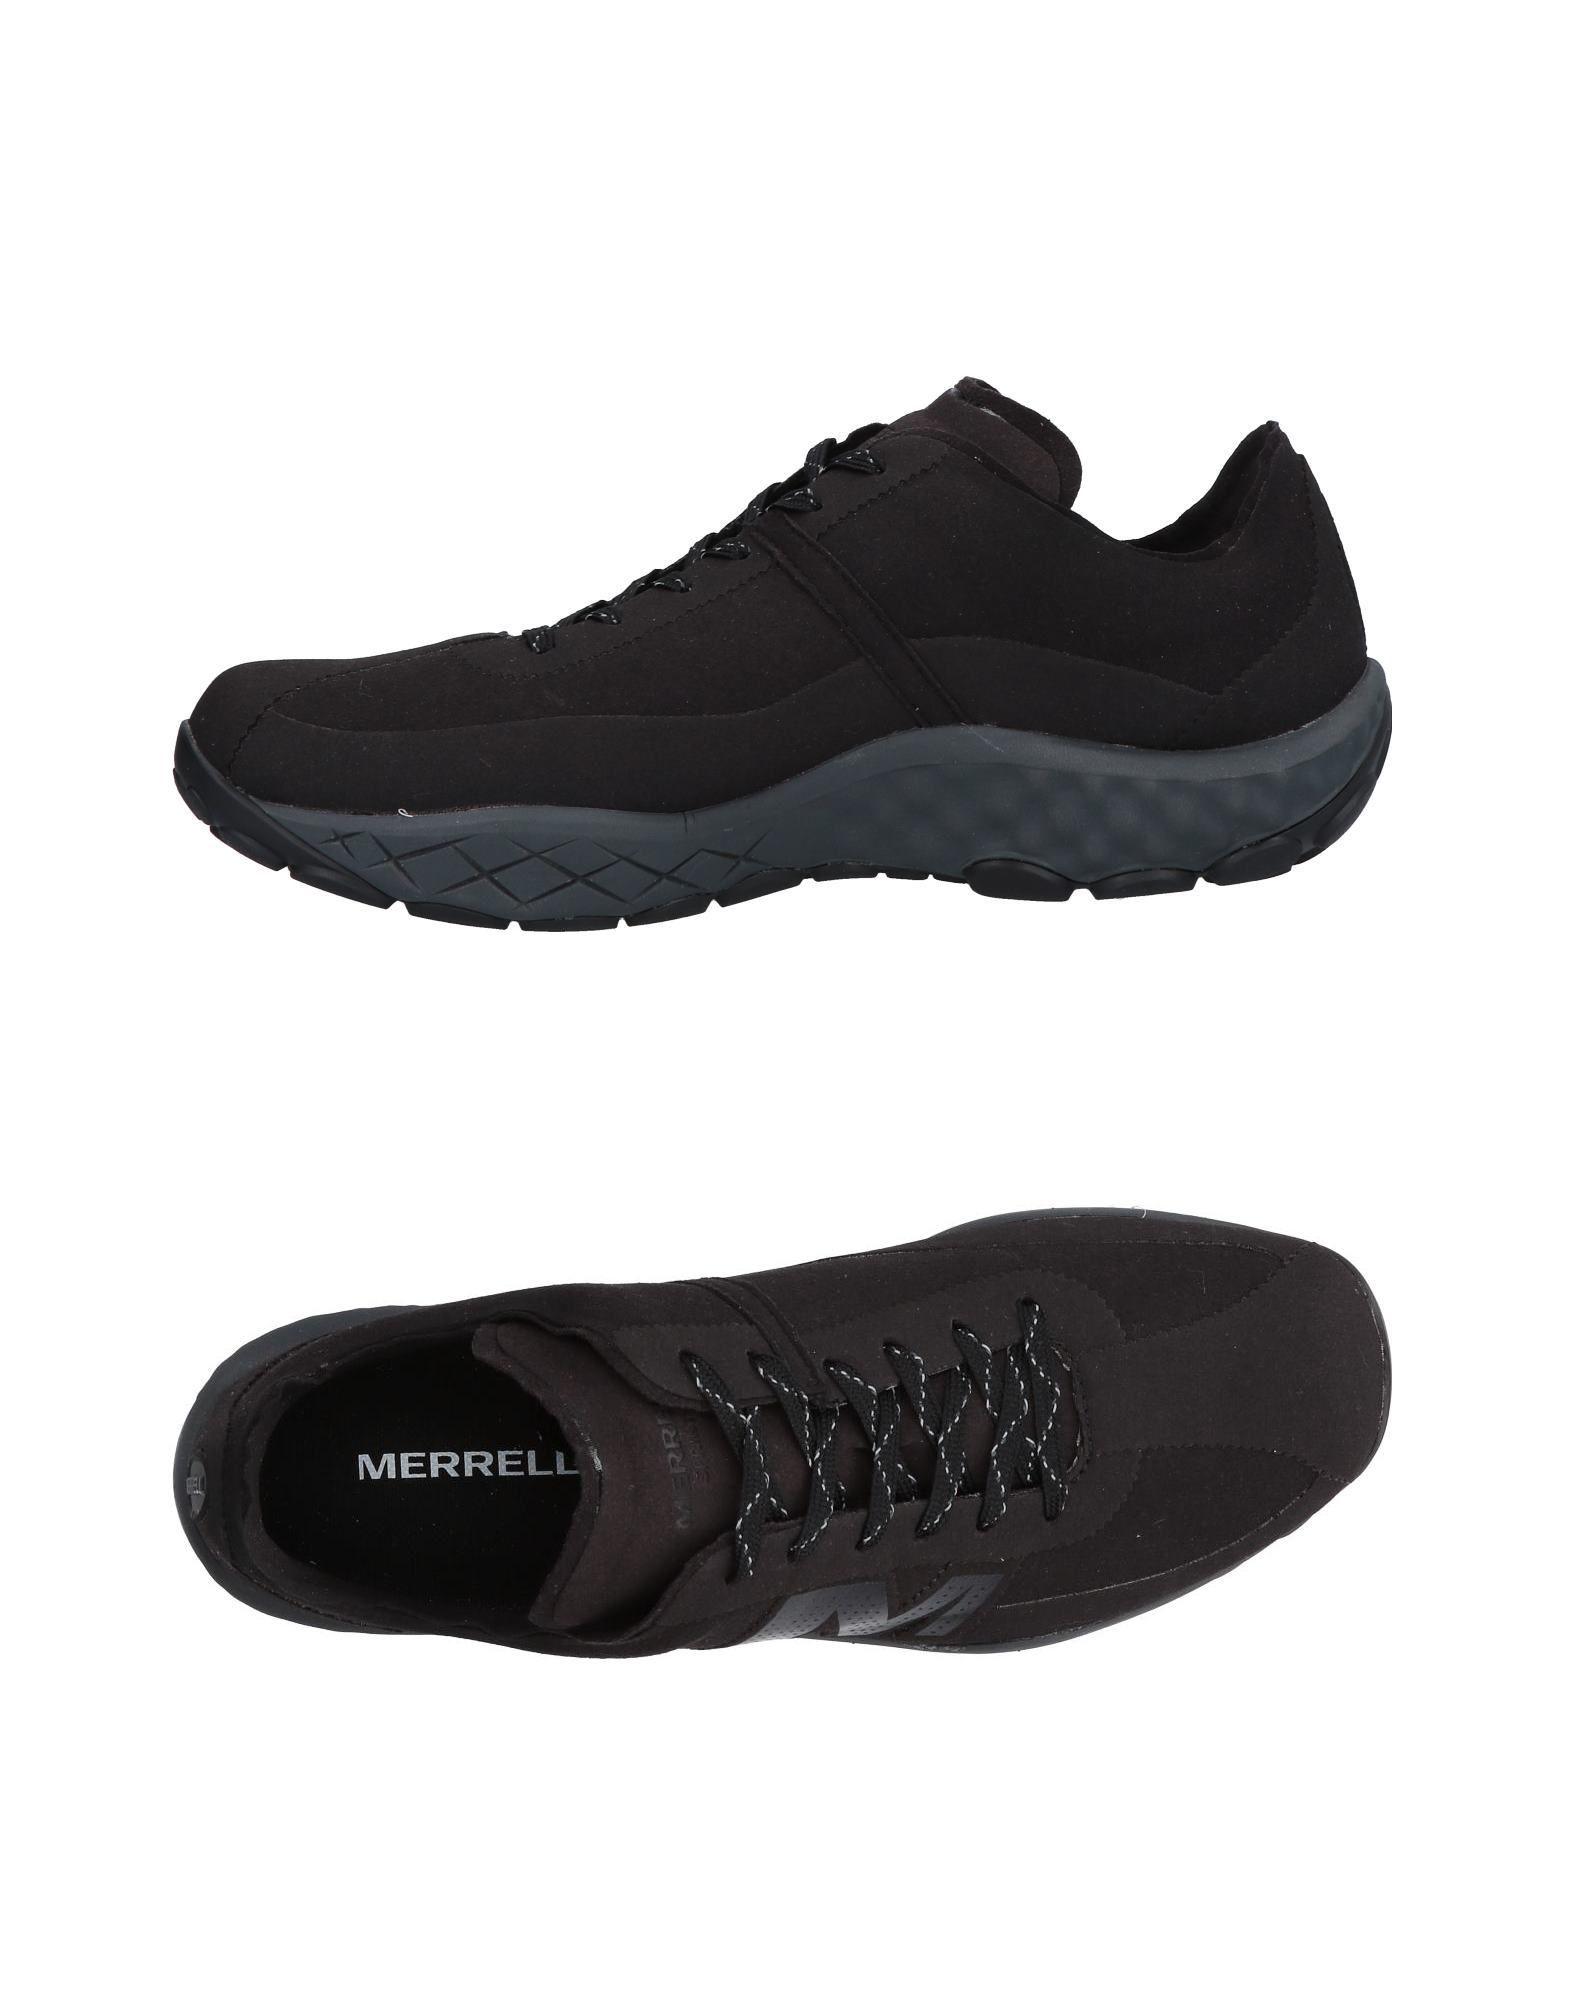 Merrell Sneakers Sneakers - Men Merrell Sneakers Merrell online on  Australia - 11459160PM 99696e